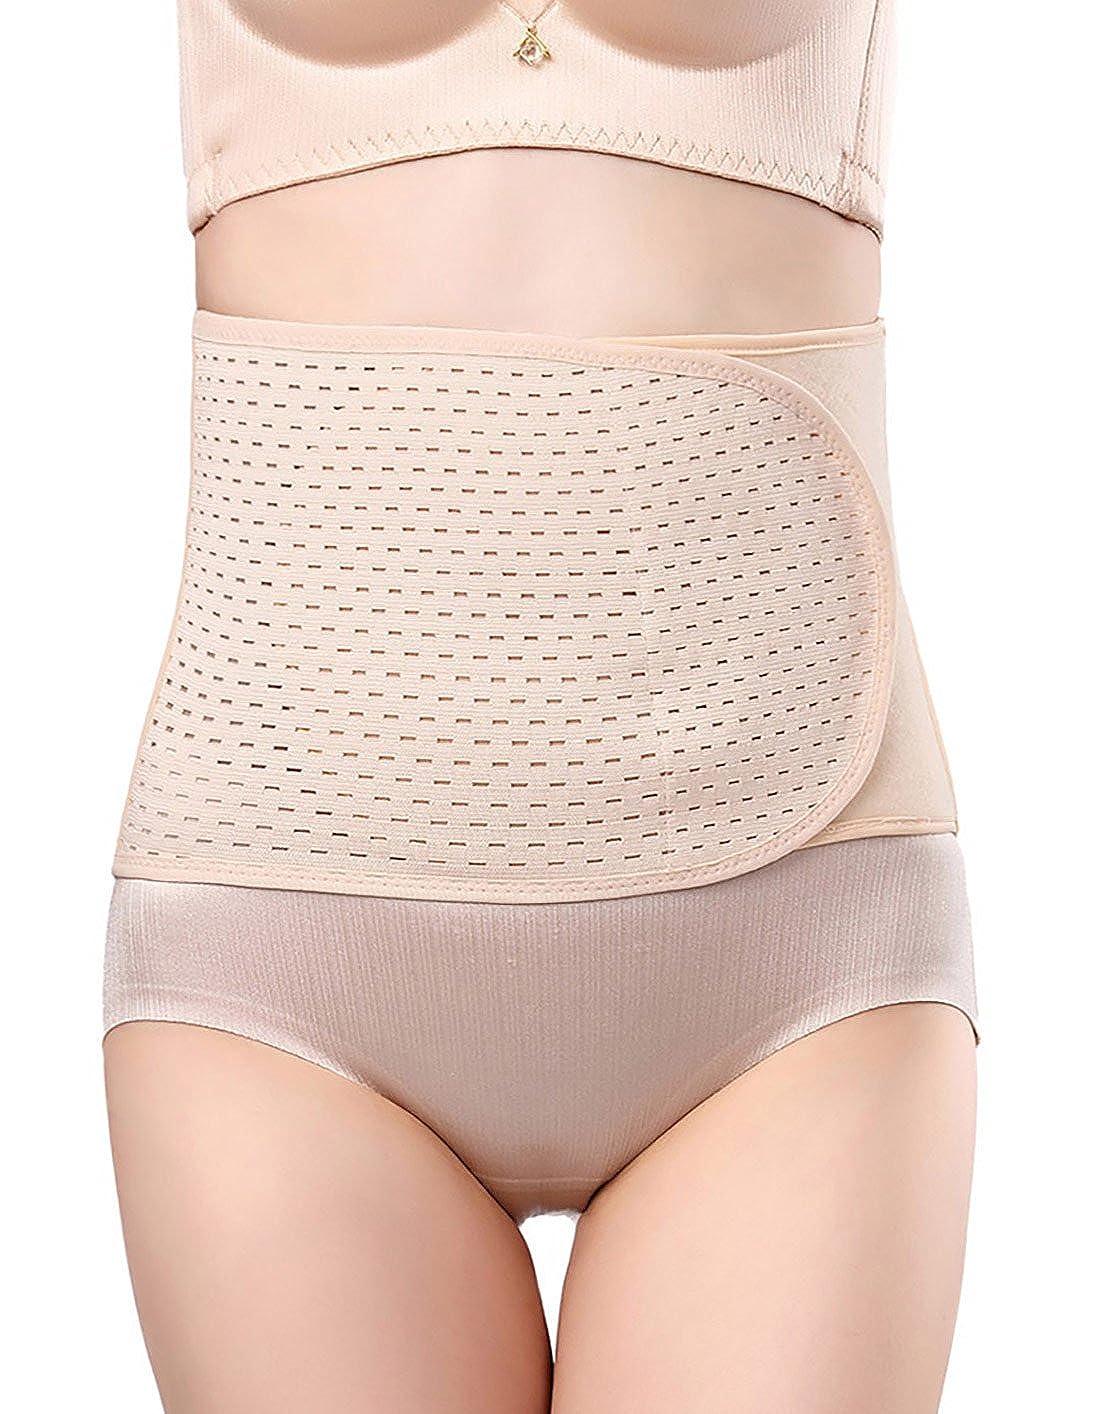 Frauen Abnehmen Korsett Taille Trainer Cincher G/ürtel Body Shaper Postpartale Bauchband Unterbrust